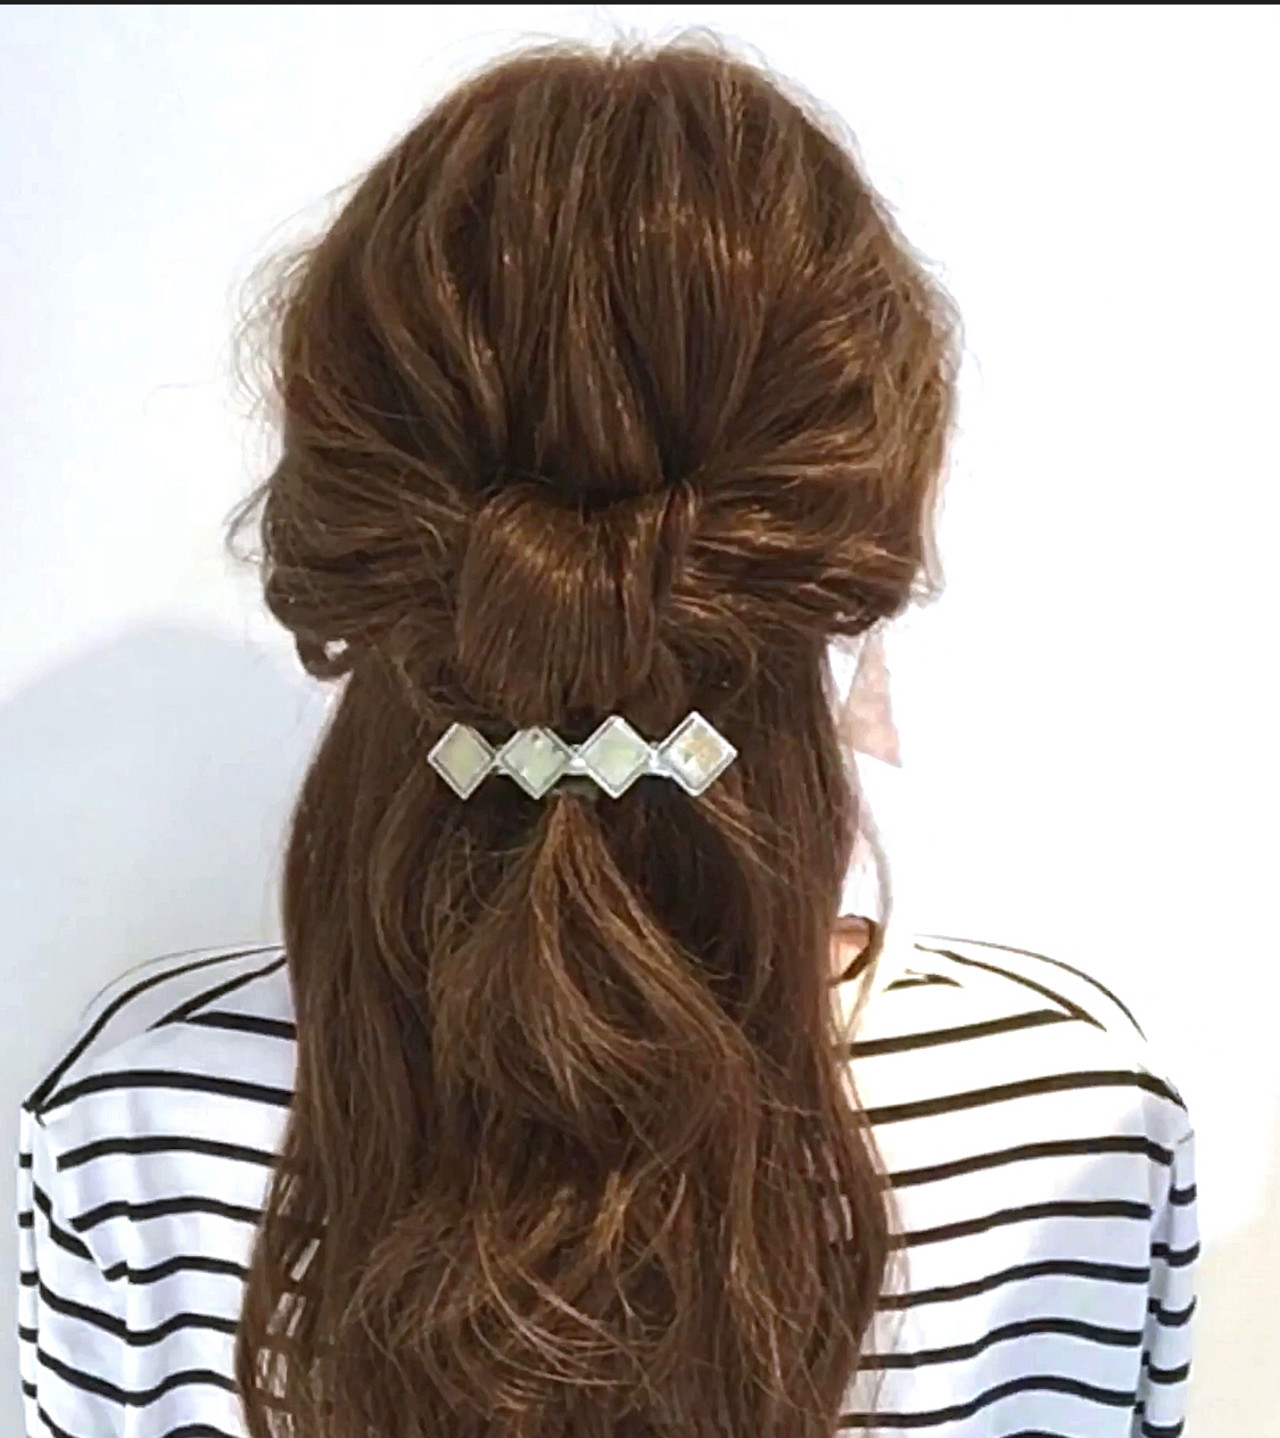 セルフアレンジ フェミニン 簡単ヘアアレンジ ハーフアップヘアスタイルや髪型の写真・画像